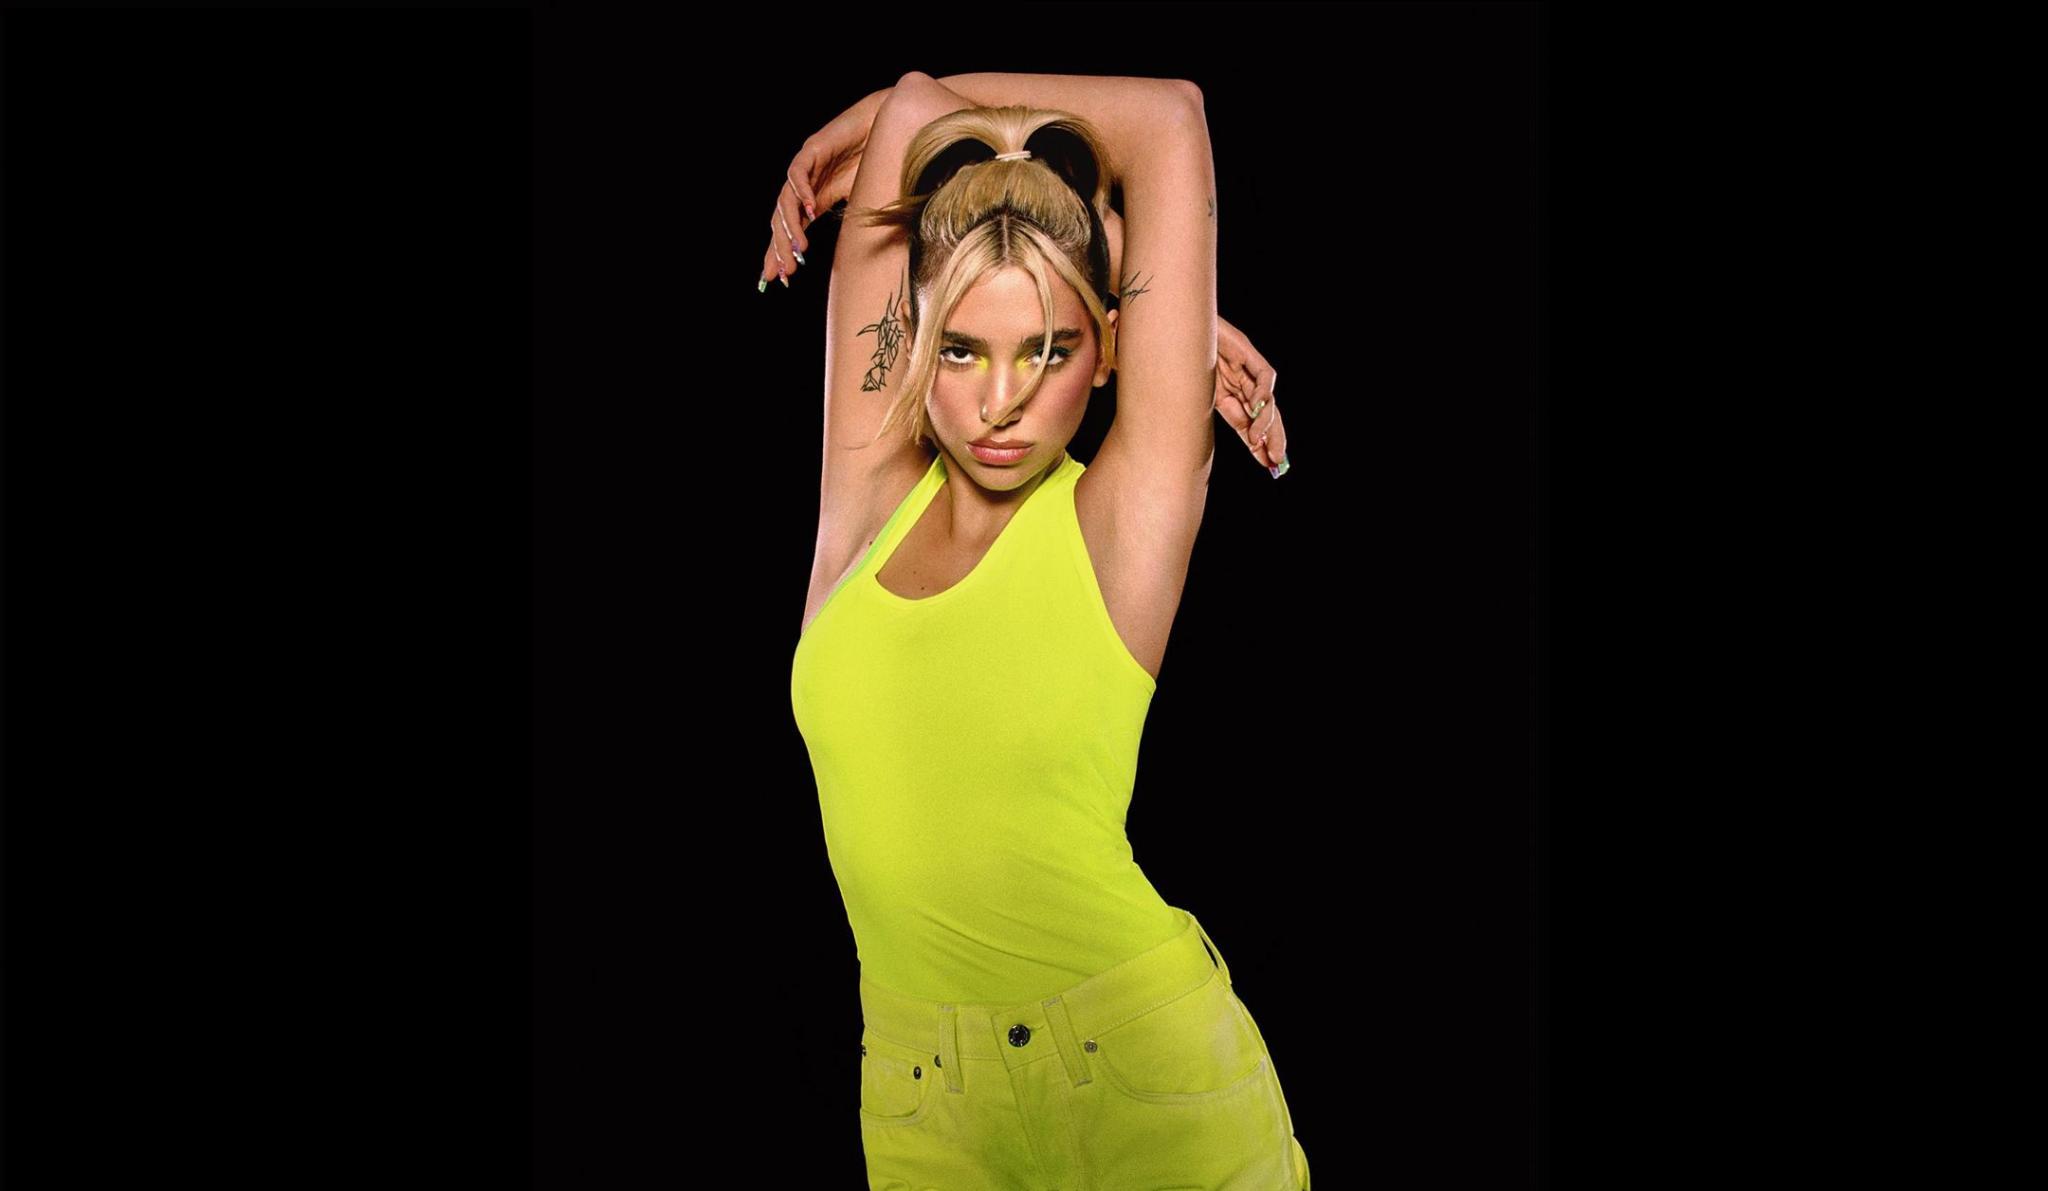 Η Dua Lipa σπάει ρεκόρ στο Spotify και στα βρετανικά charts με το νέο της album!